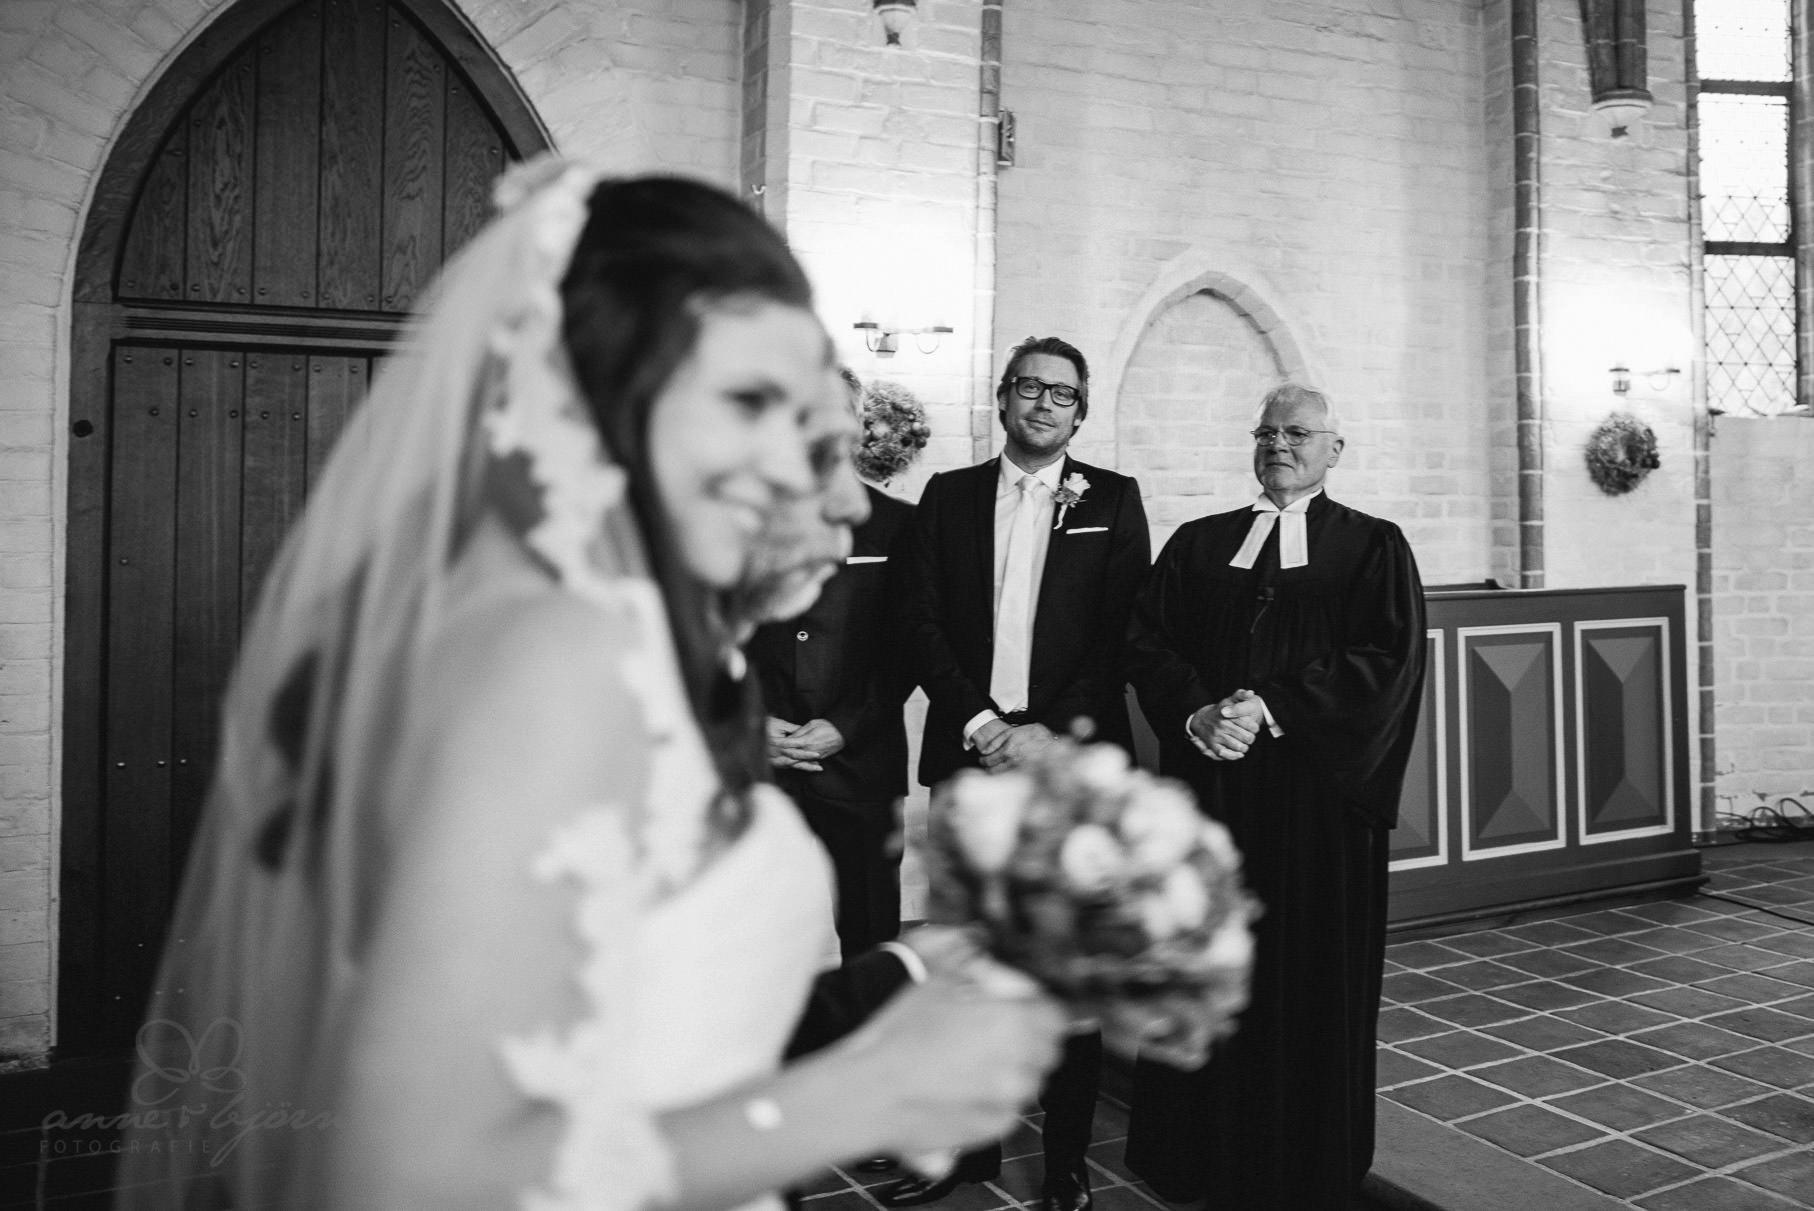 0047 aub 811 5076 - Hochzeit auf Gut Thansen - Anja & Björn